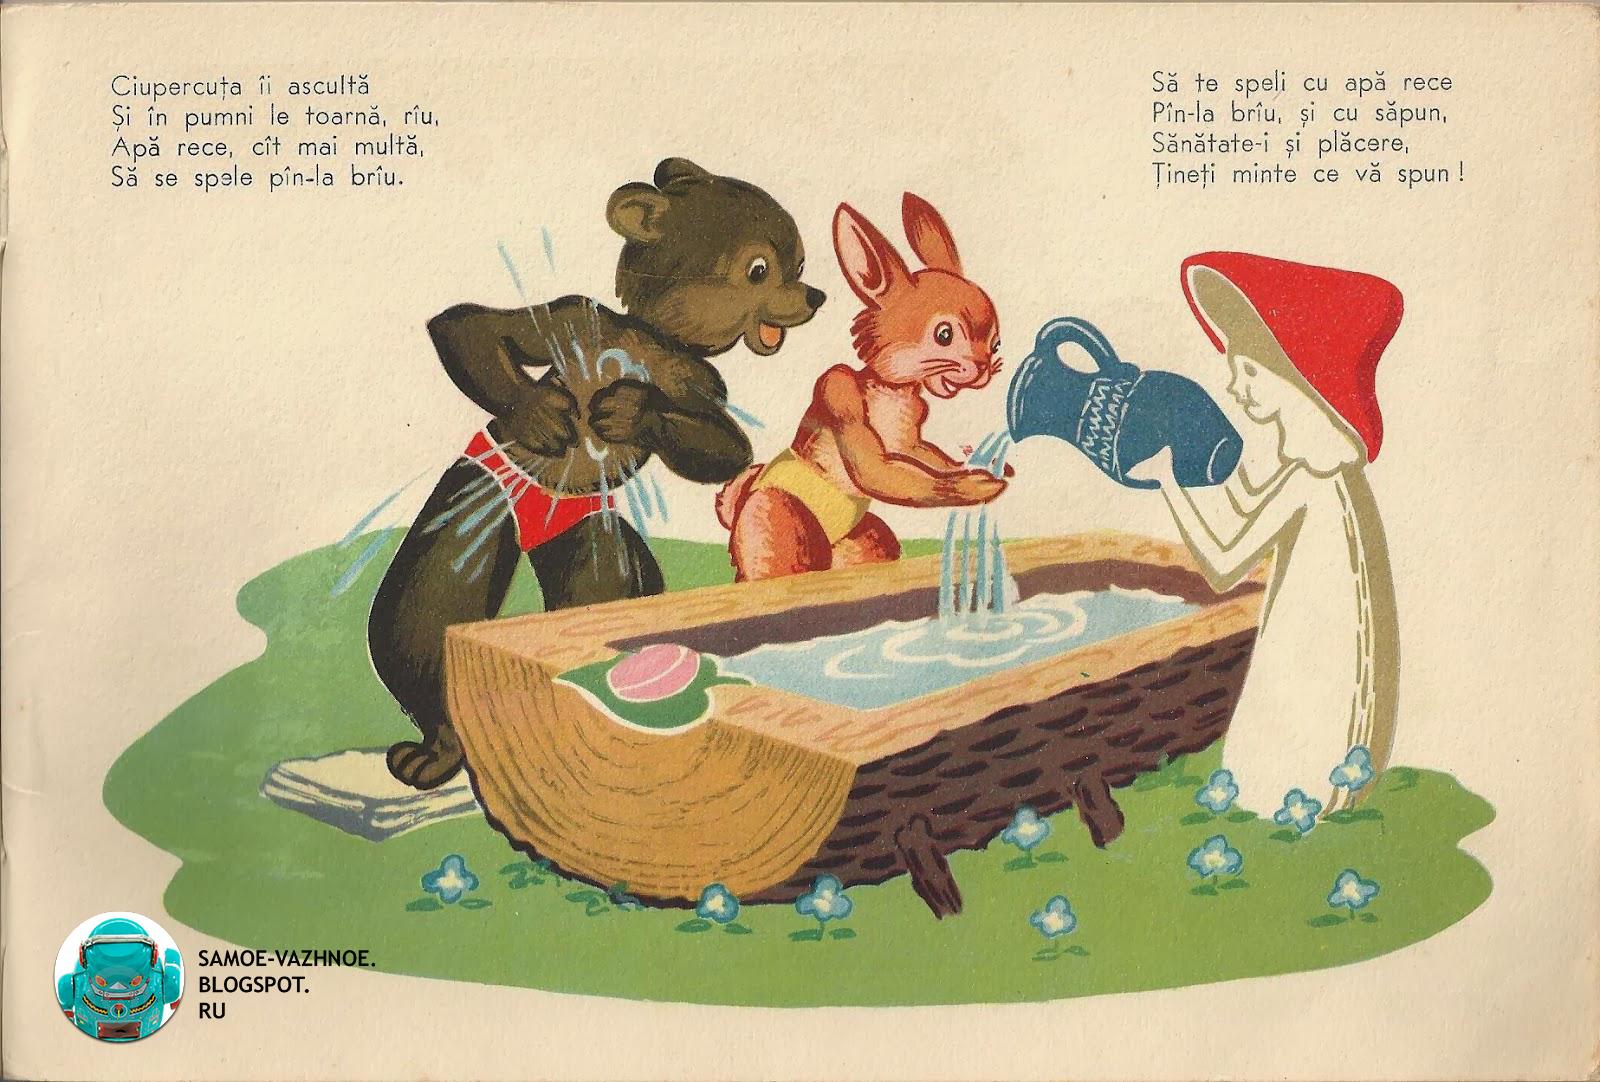 Советская книга гриб льёт воду зайцу медведю зверям животным моются умываются СССР